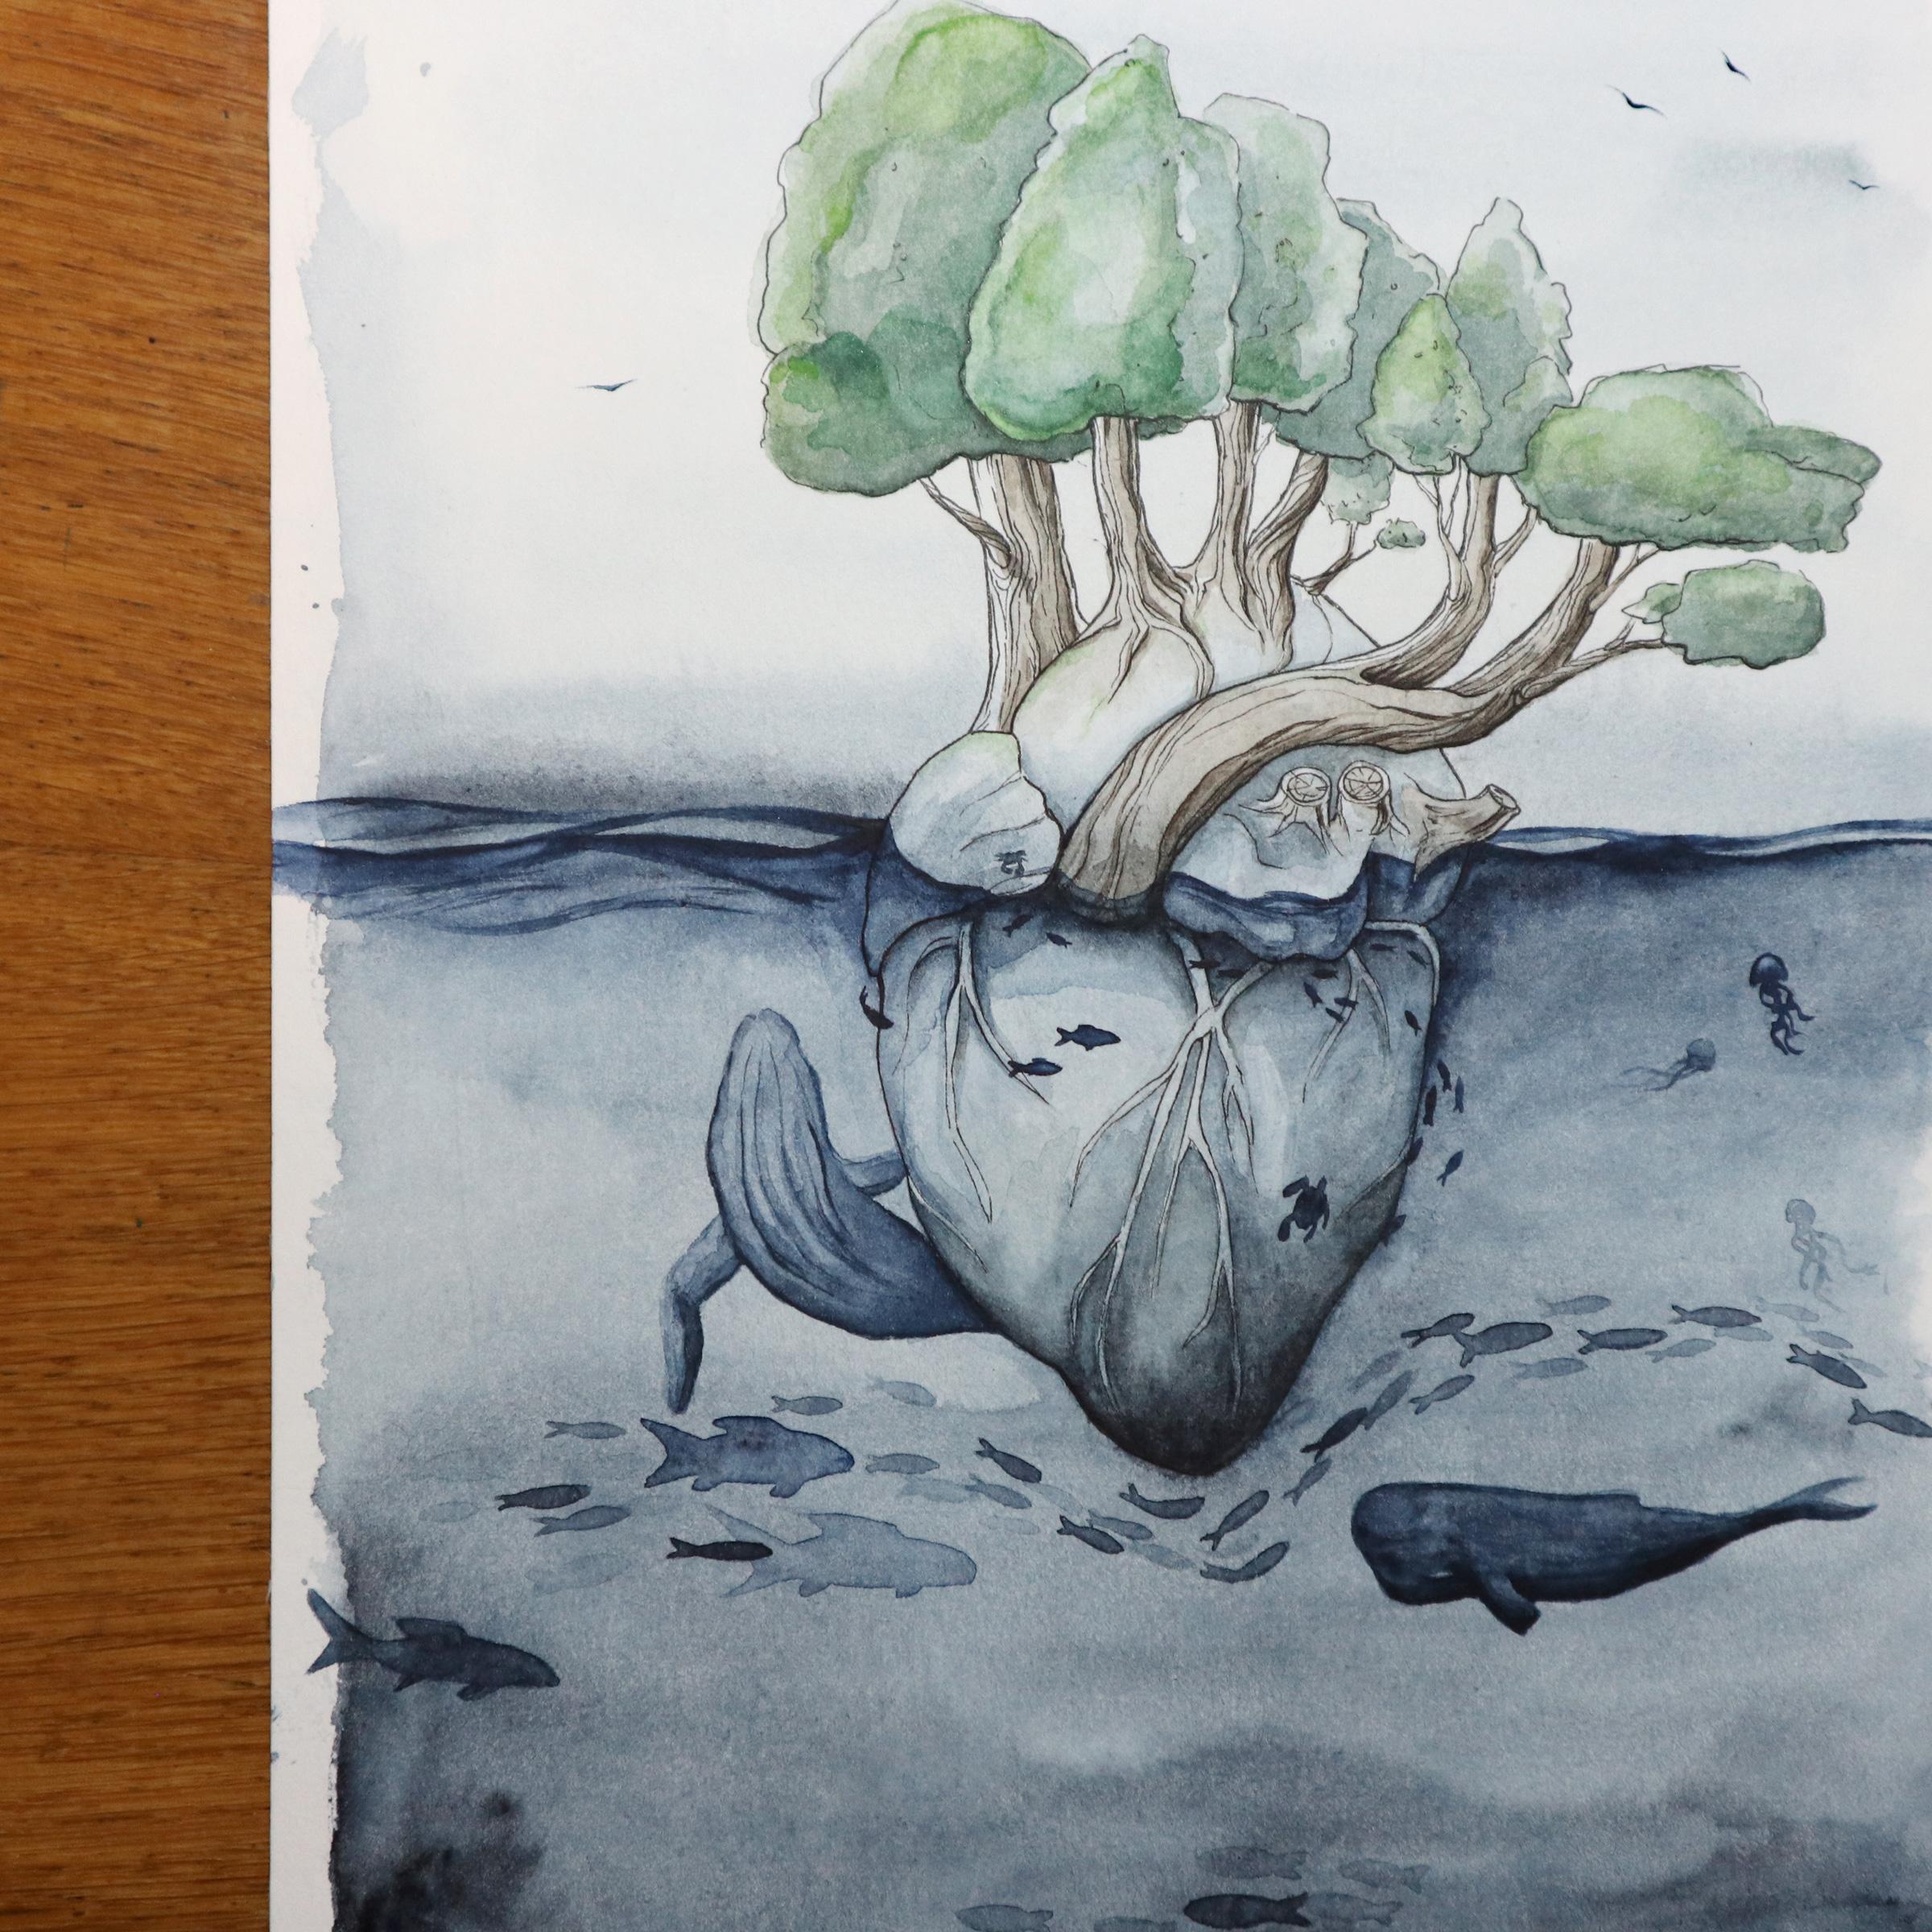 Fertige Illustration zum Wort-Drilling Ozean+Baum+Herz